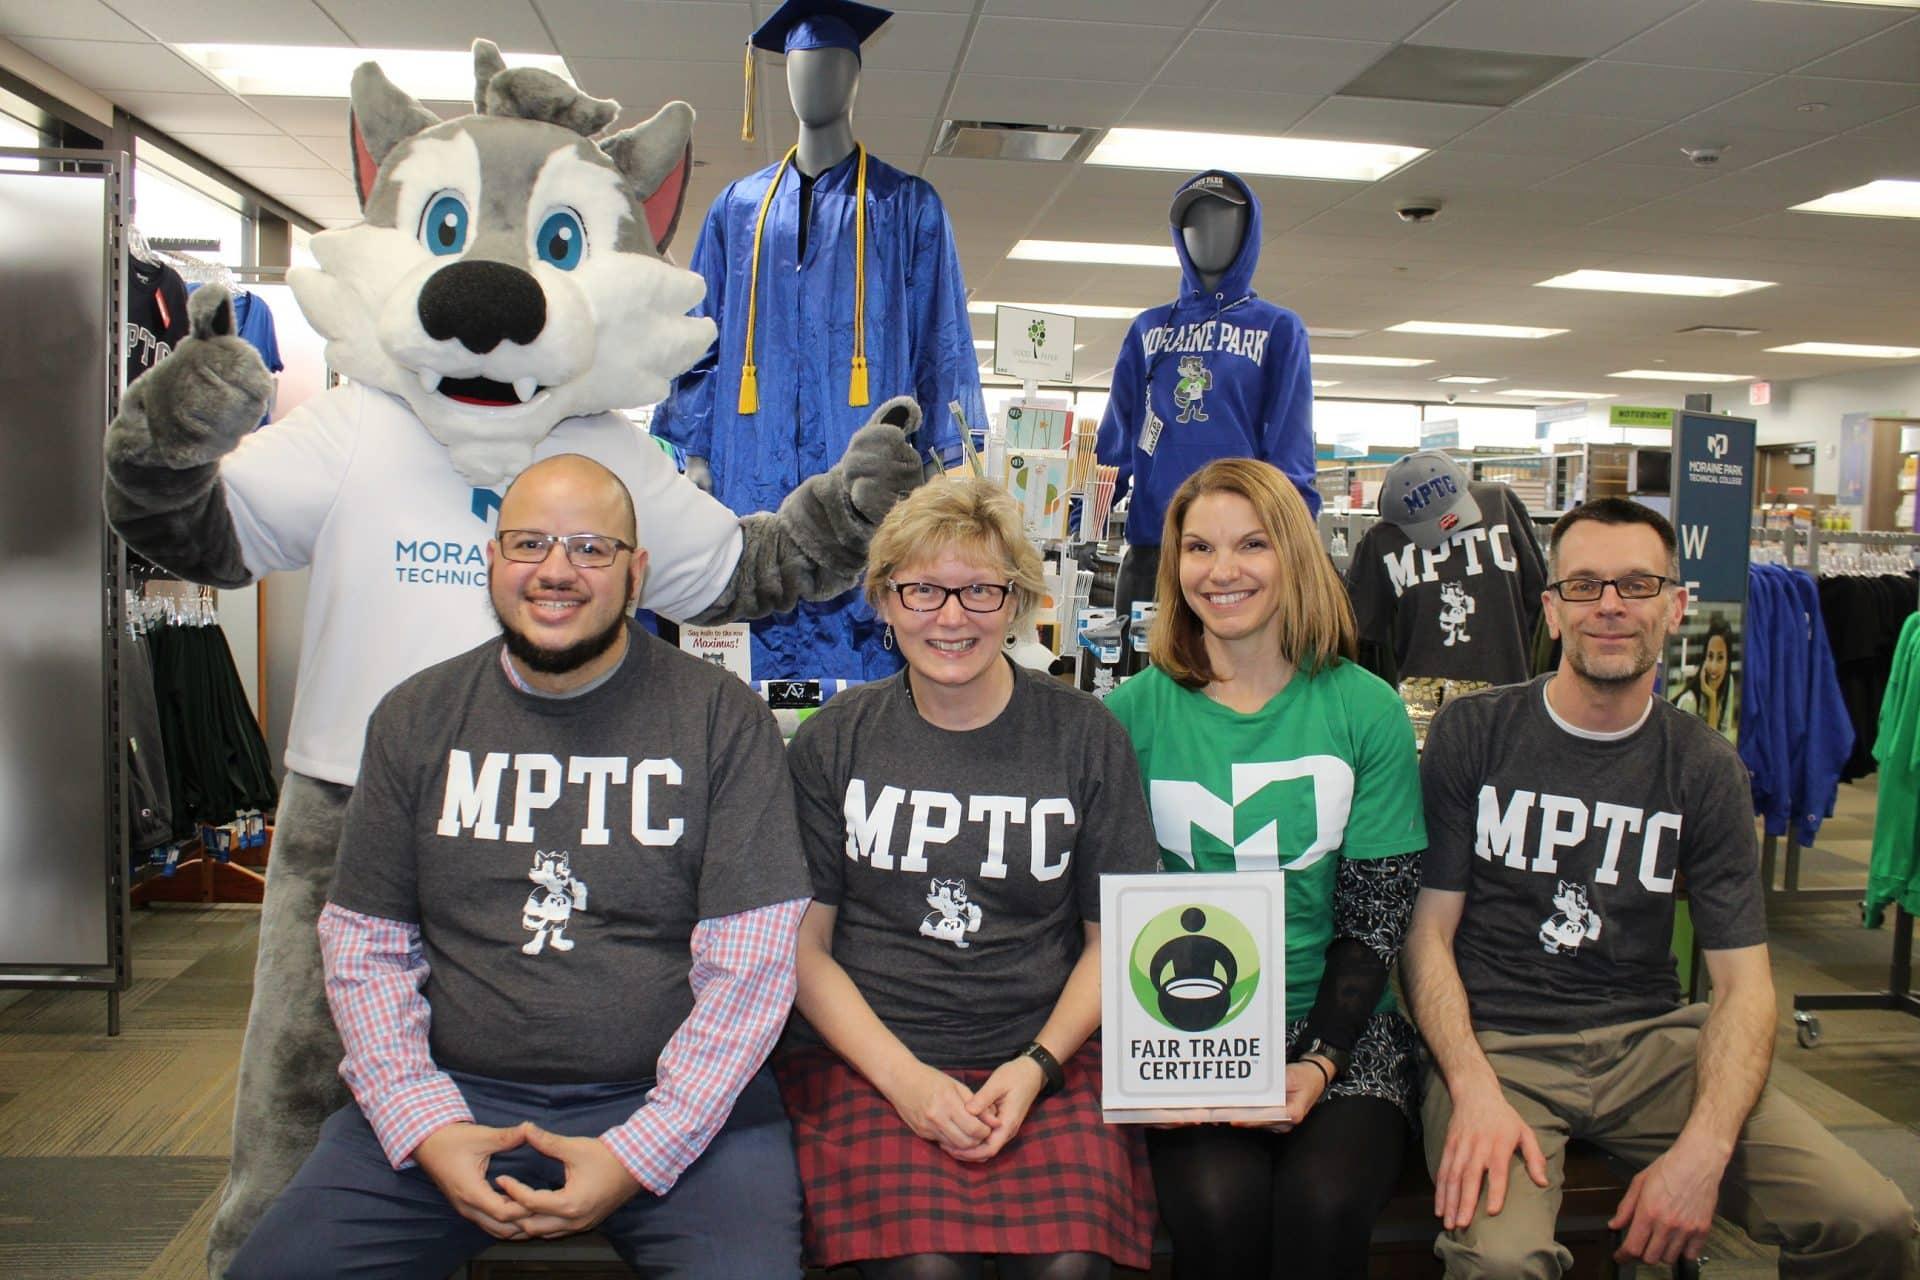 MPTC Fair Trade Team members